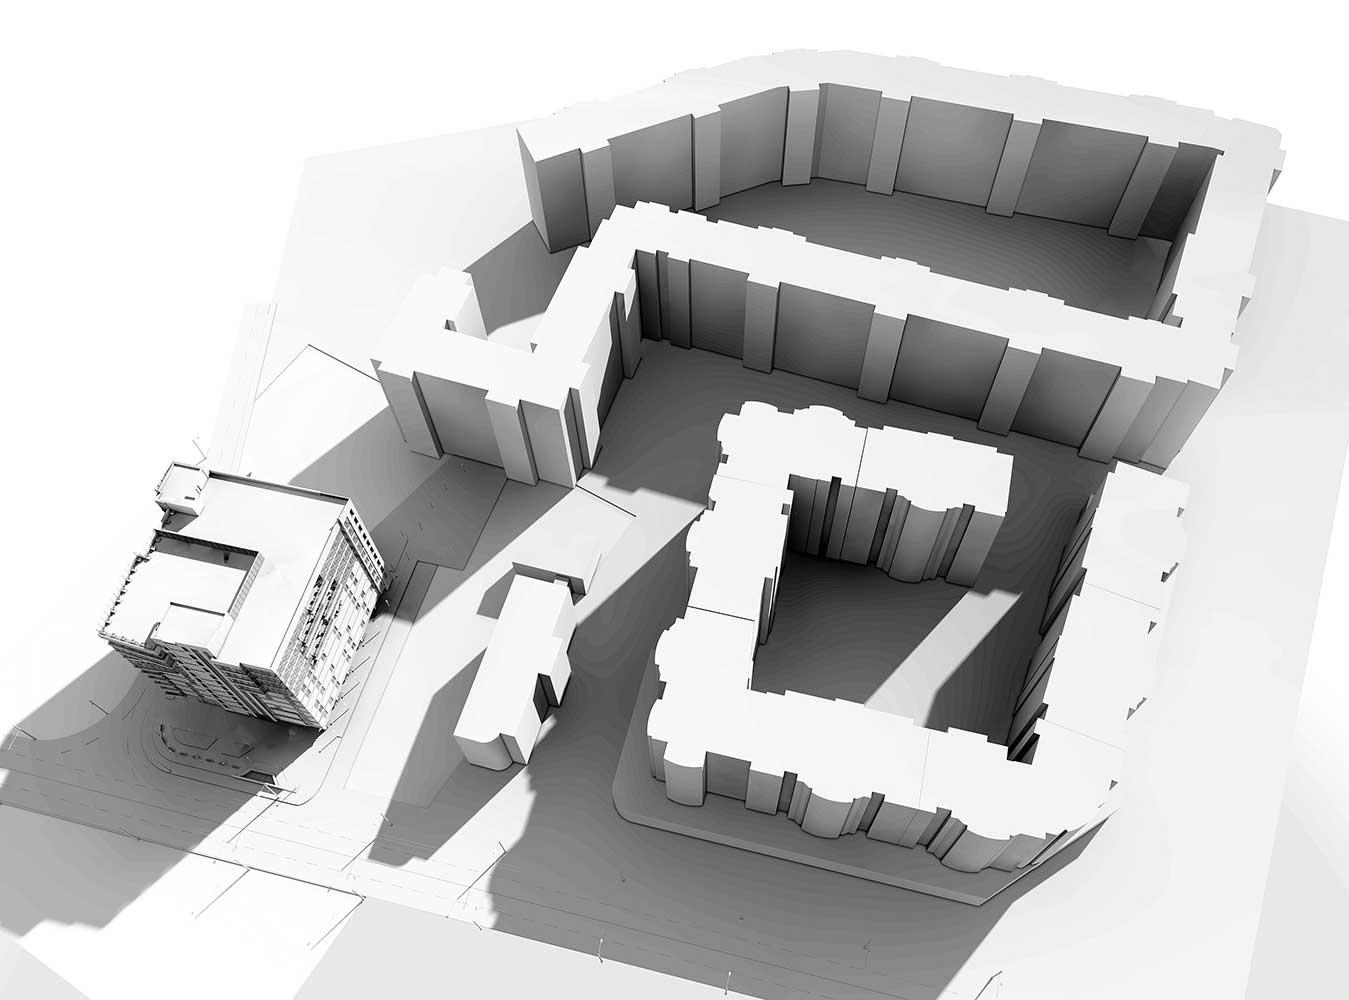 Многоэтажный торгово-бытовой комплекс с помещениями общественного назначения и паркинга (фото 7)